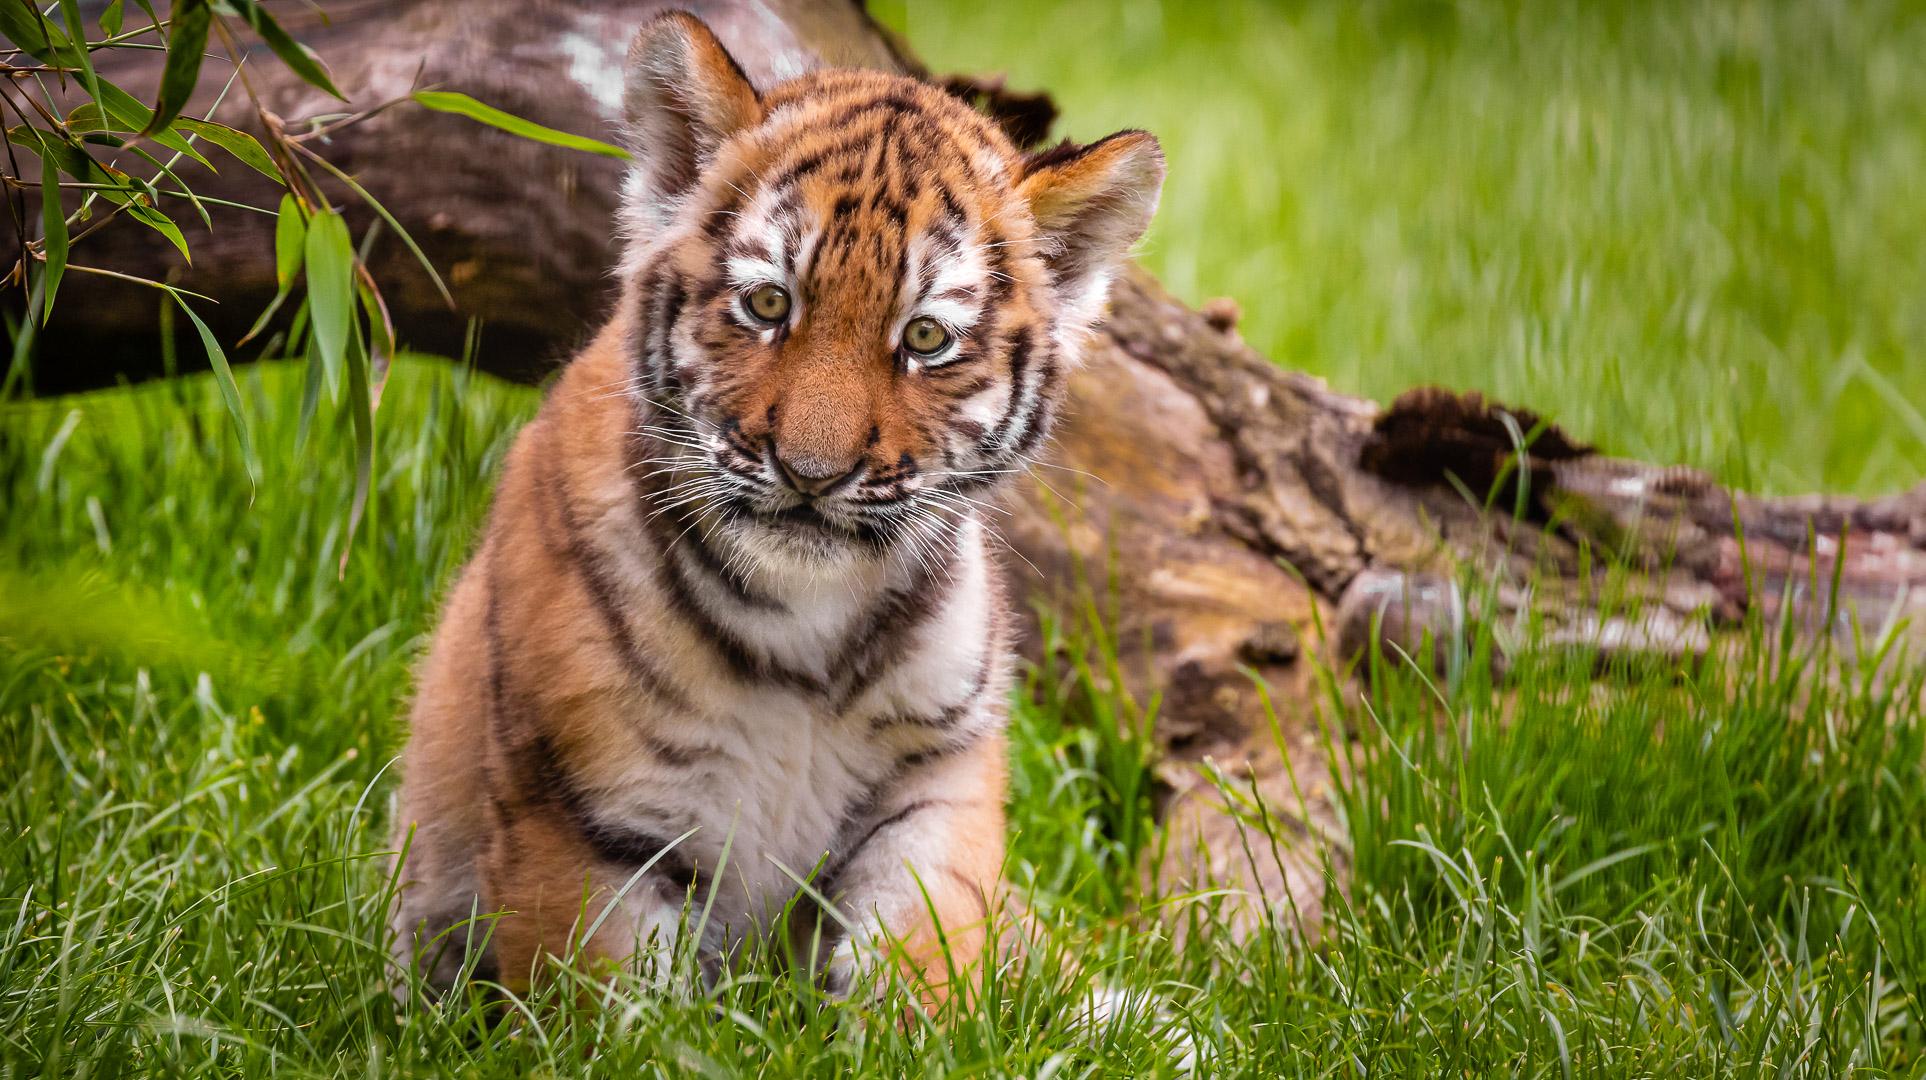 Tigerbaby